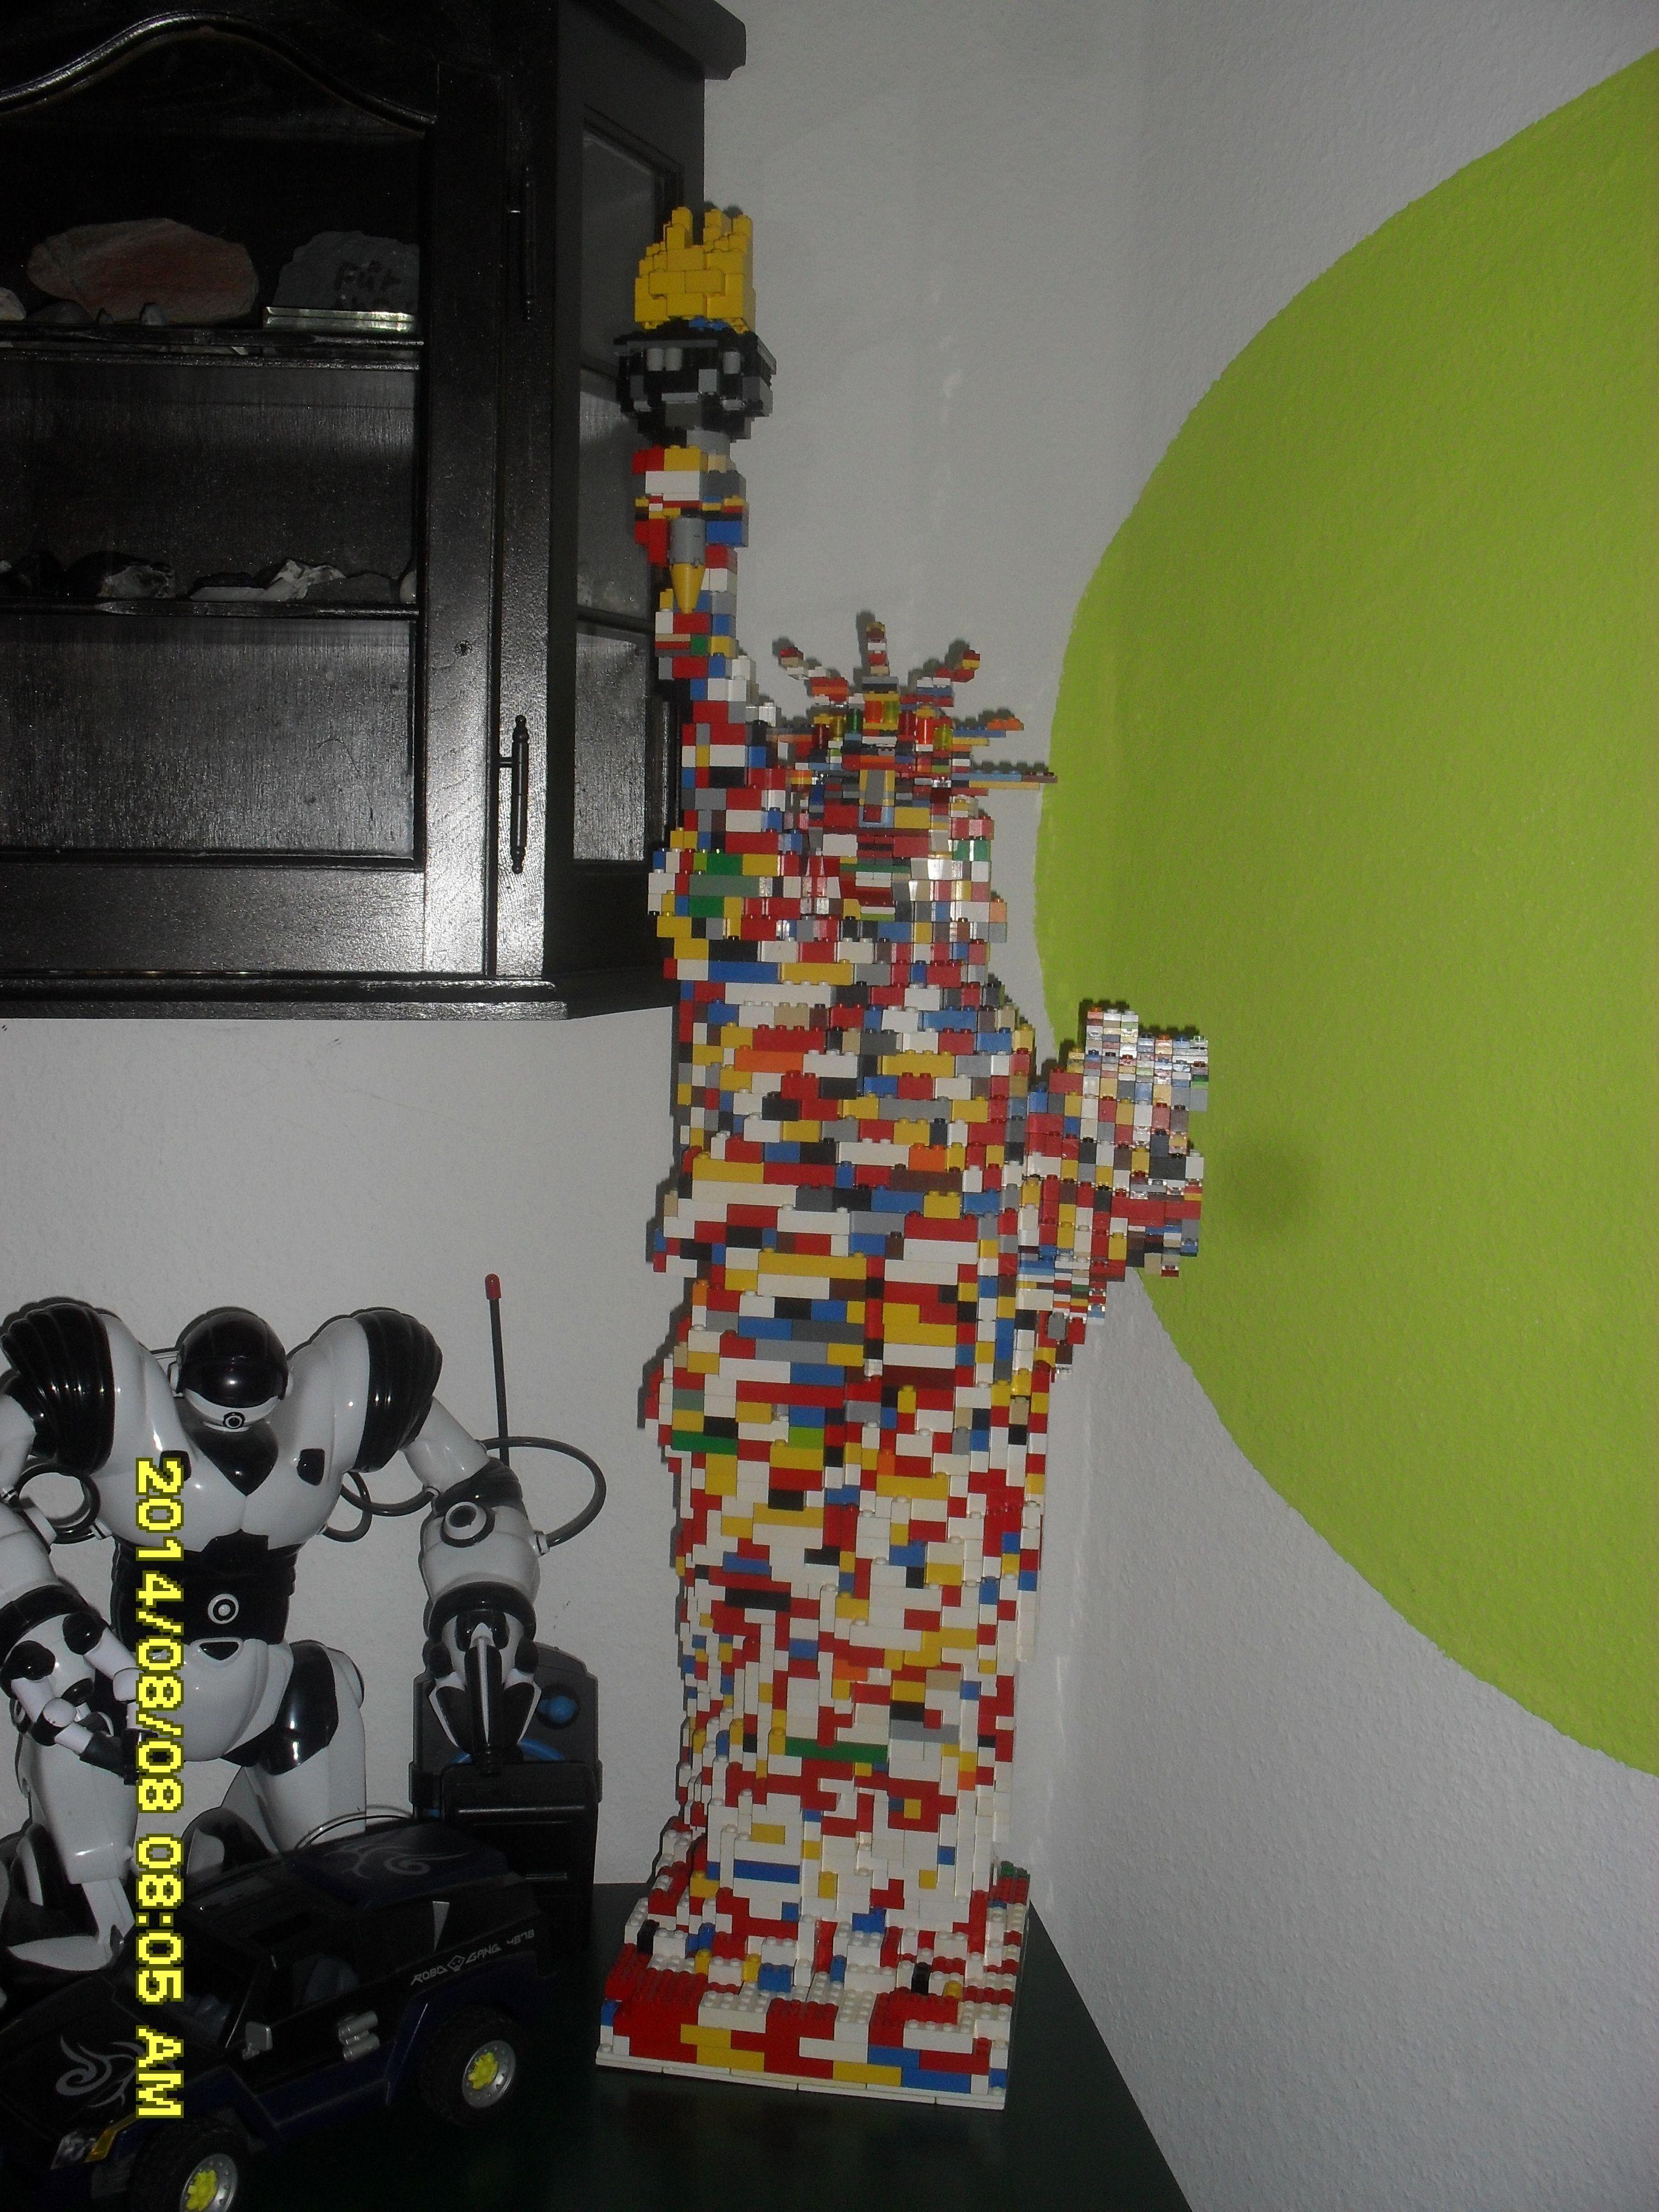 Lego Freiheitsstatue 86 cm hoch